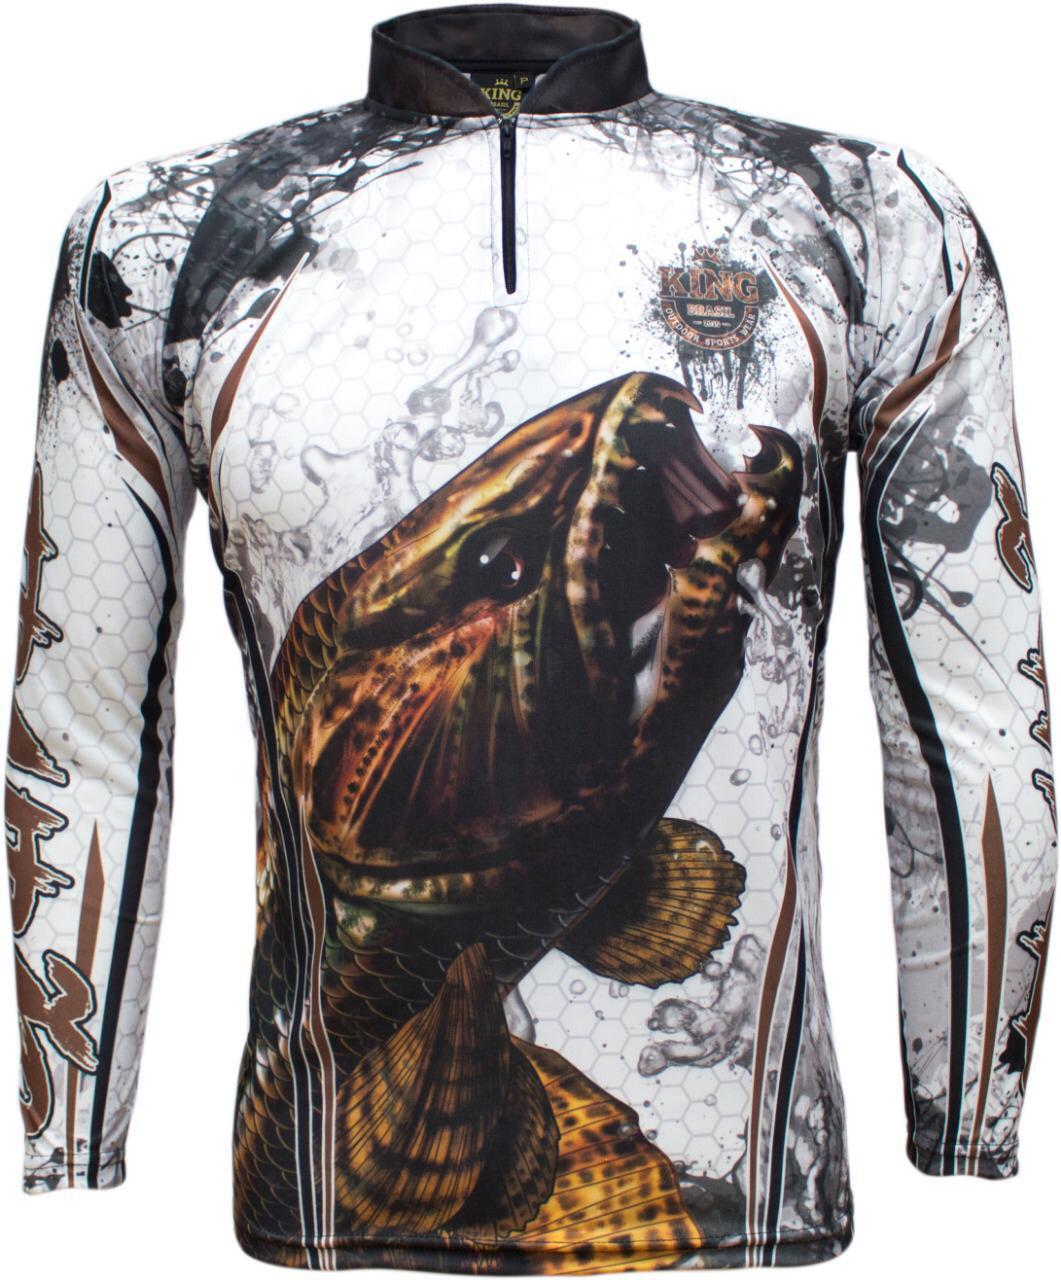 Camiseta De Pesca King Proteção Solar Uv KFF300 - Traíra